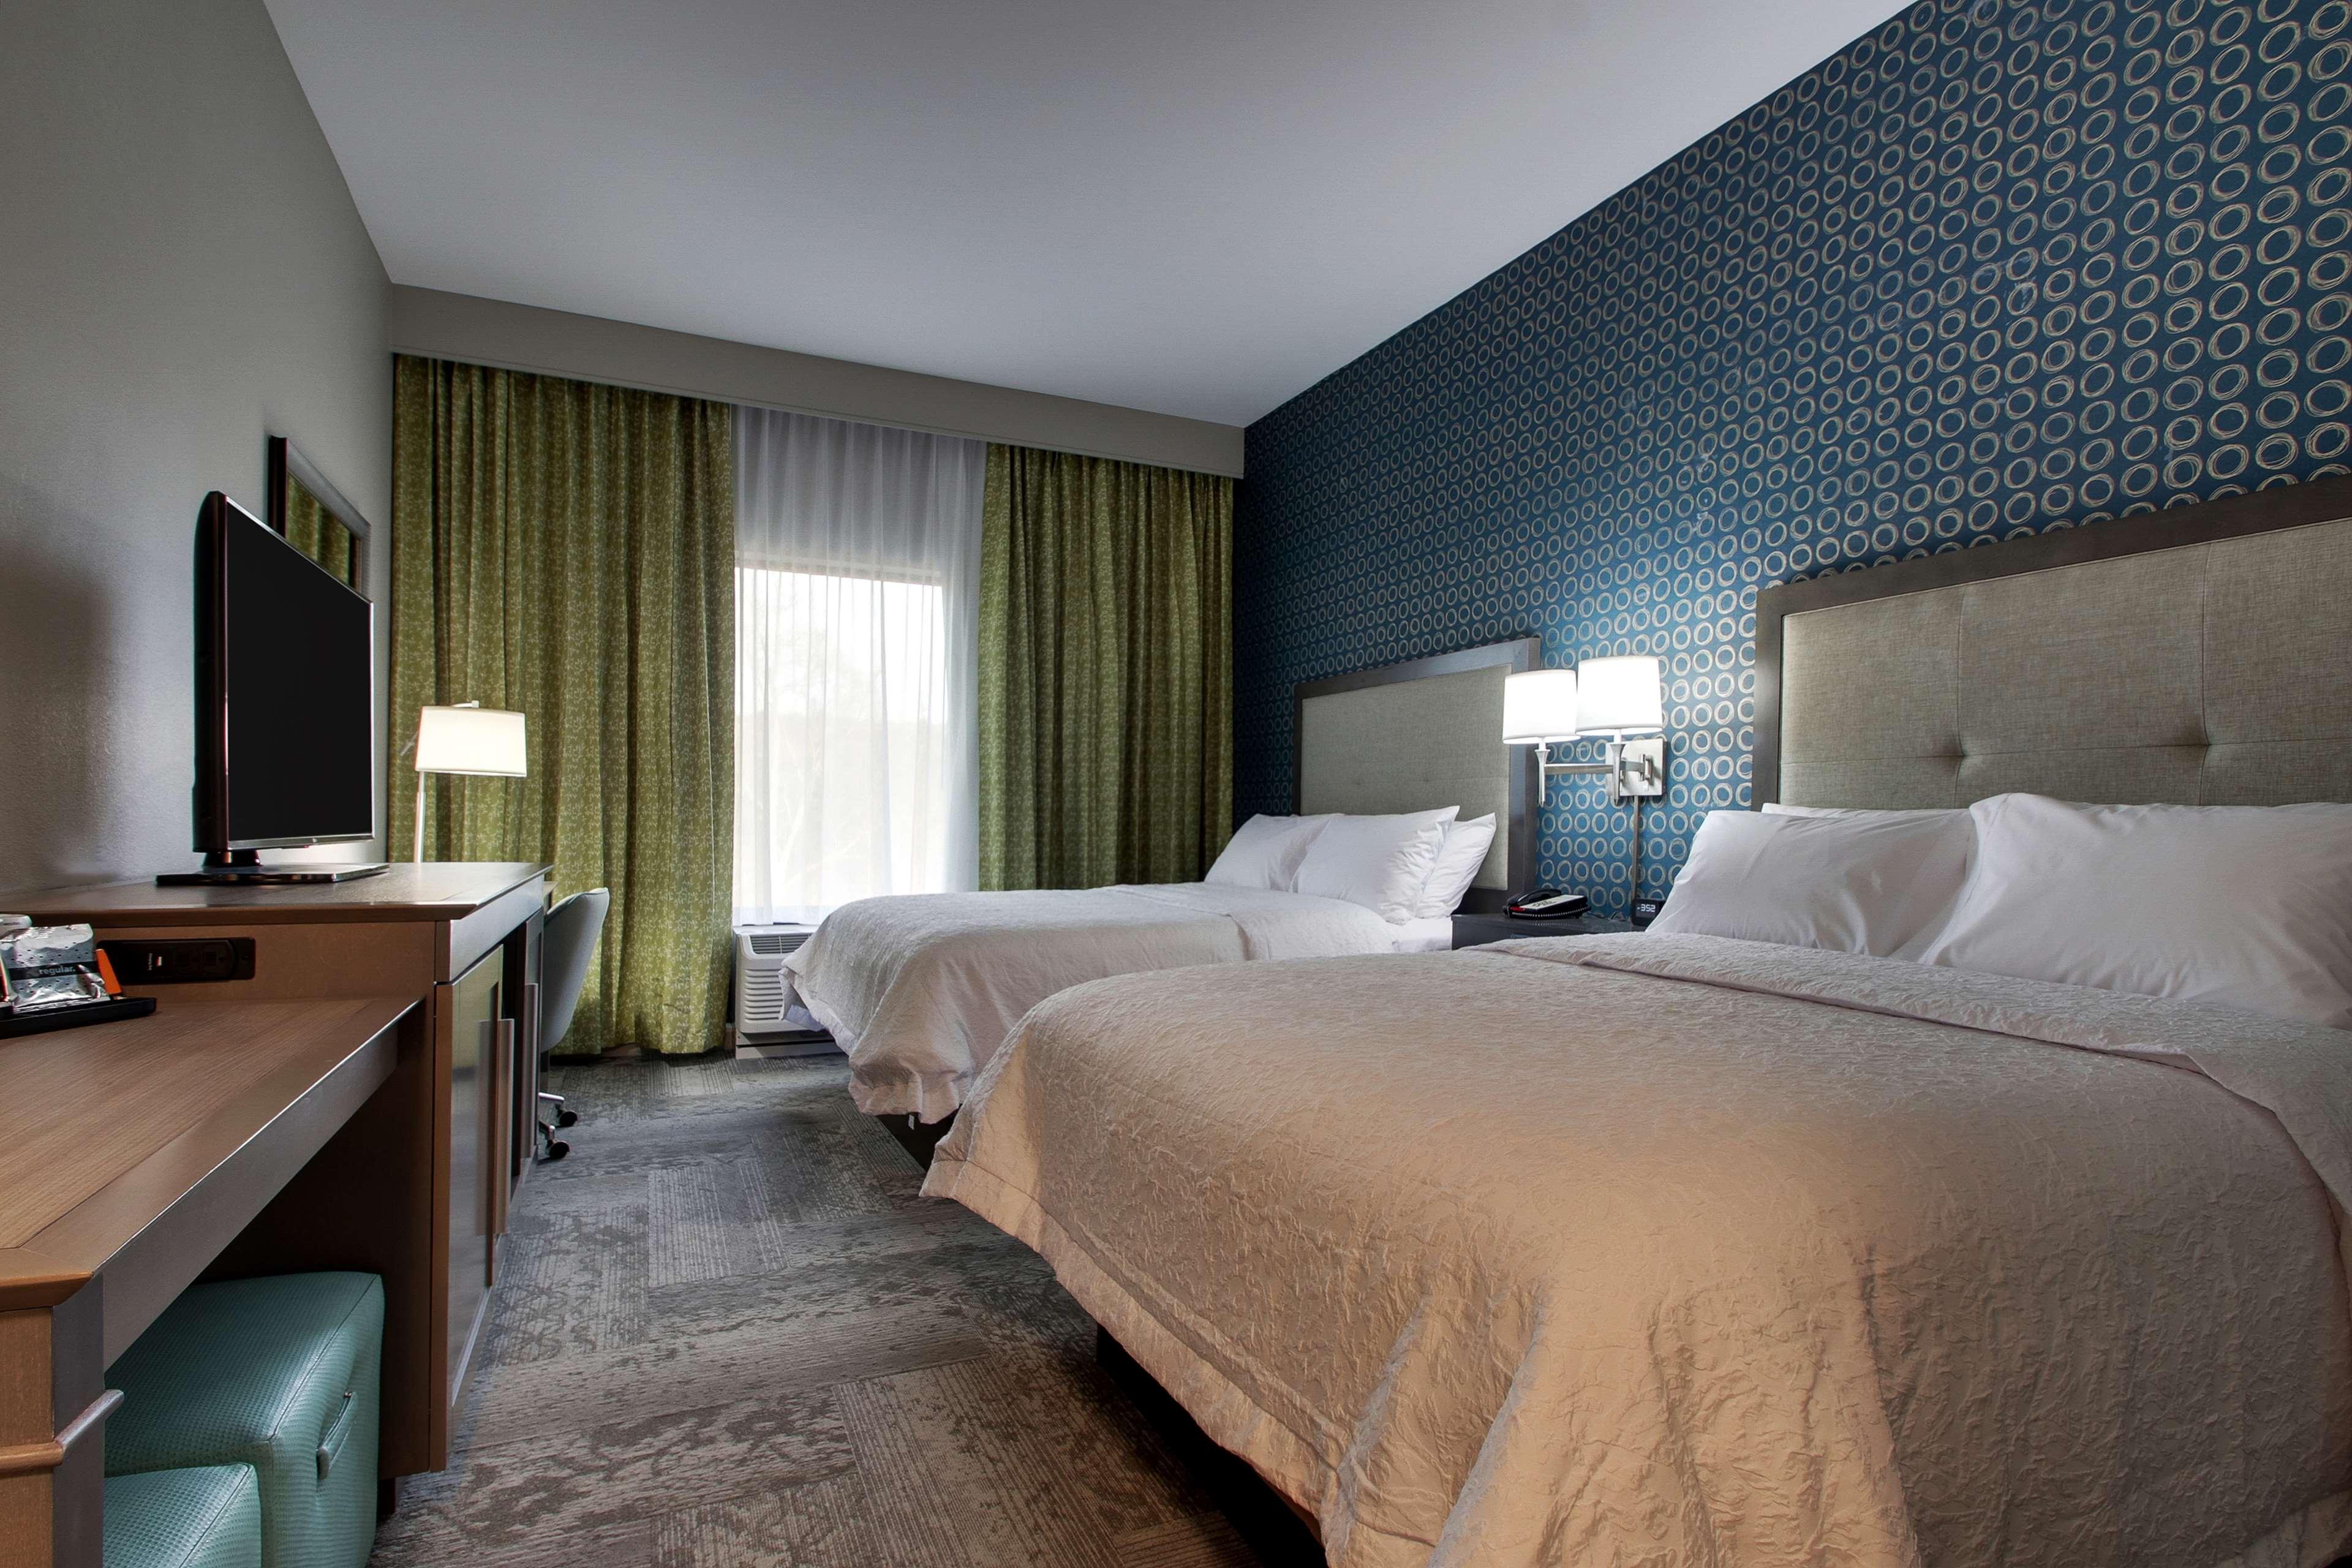 Hampton Inn & Suites Knightdale Raleigh image 11